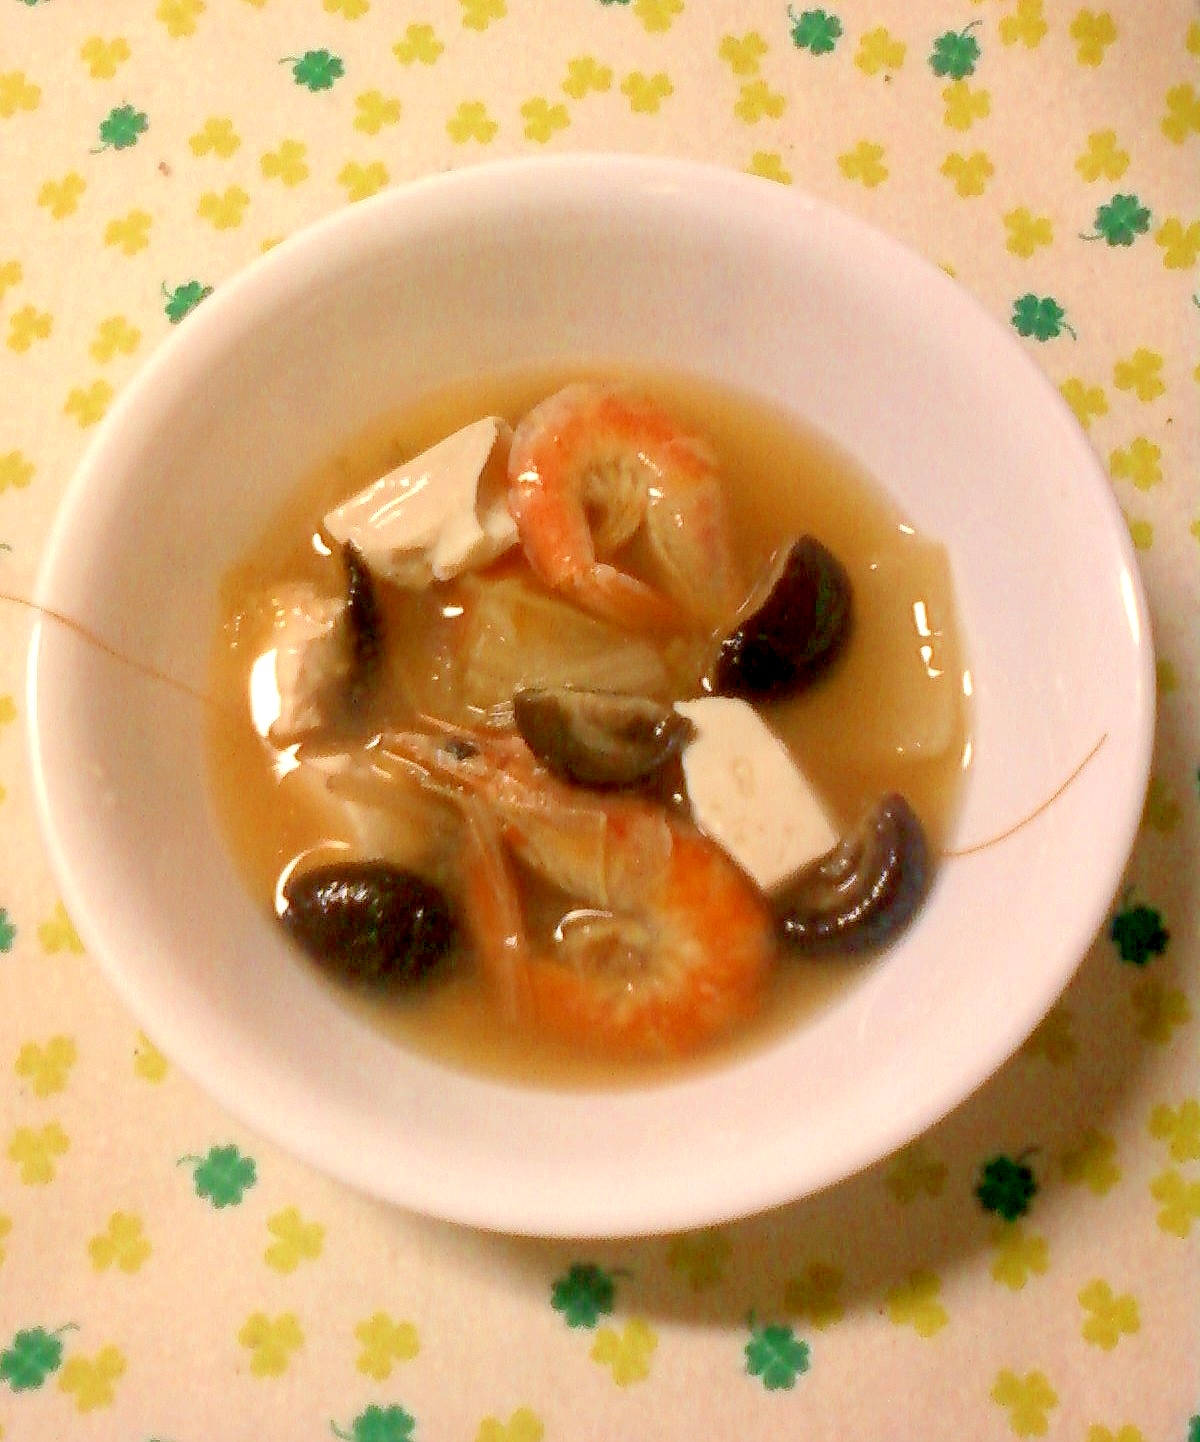 ☆。.:*白菜と海老と豆腐と椎茸の鍋☆。.:*:・